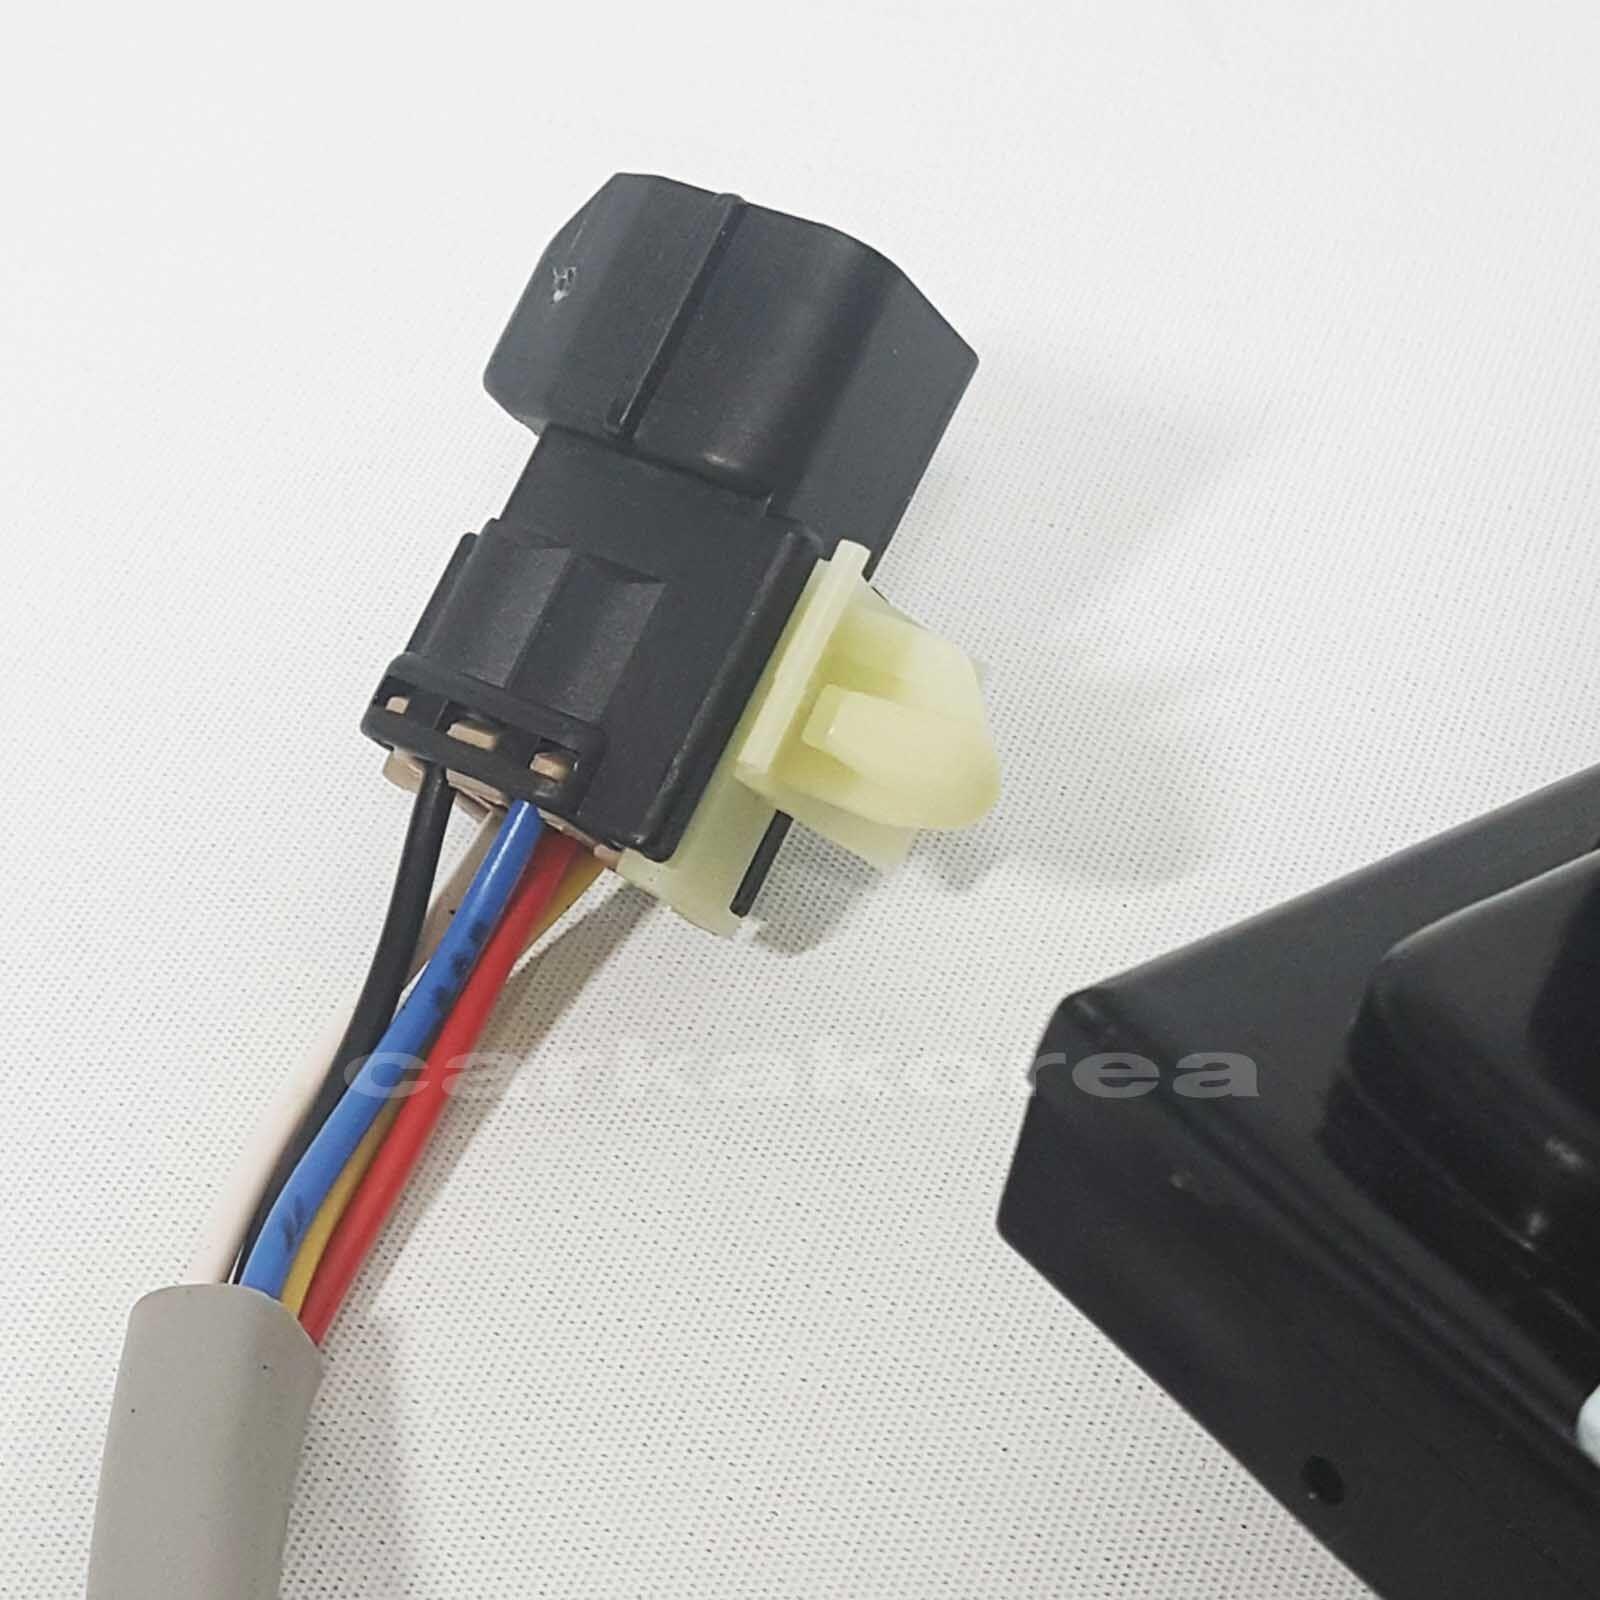 957351c000 Door Lock Actuator Front Left For Hyundai Getz 2002 2011 Gm Wiring Ebay